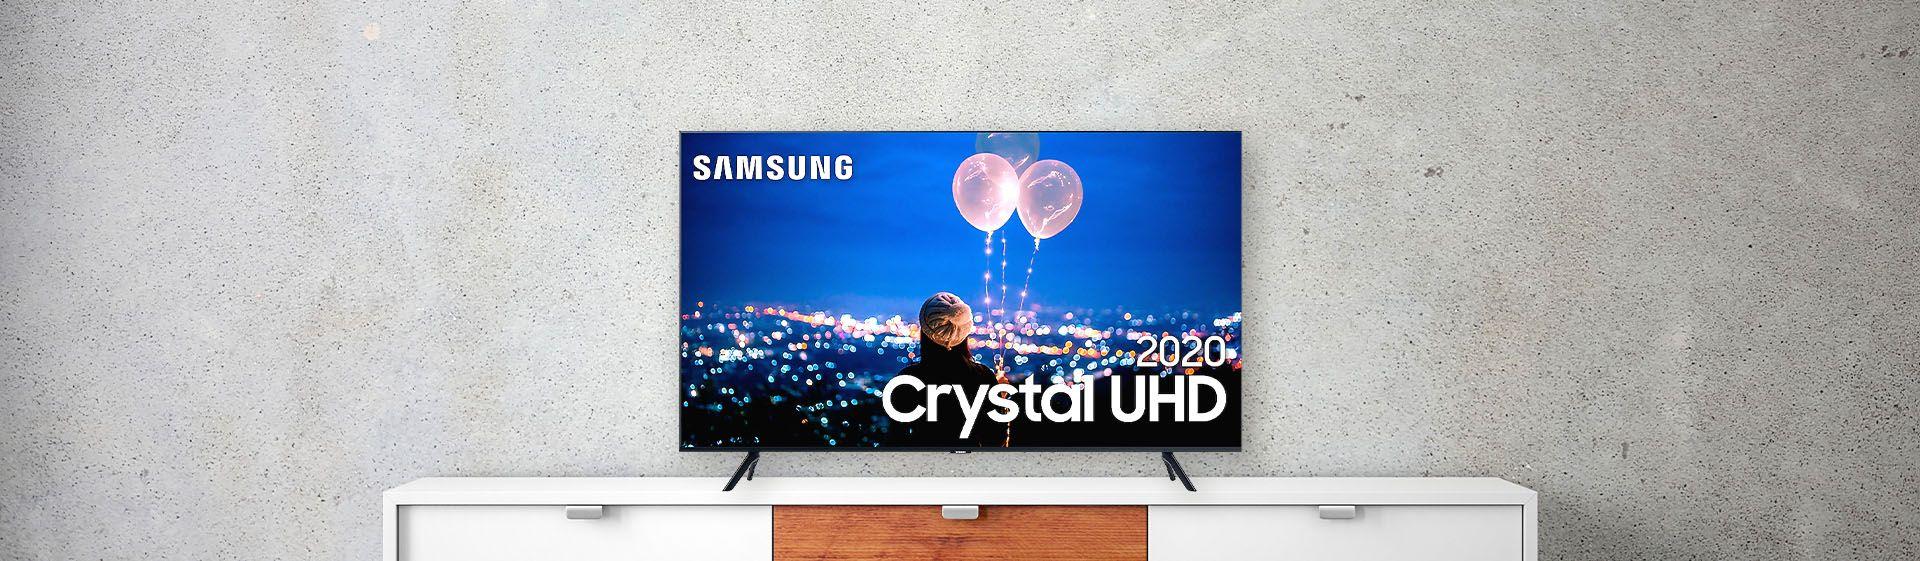 TV Samsung TU7000: vale a pena comprar esse modelo 4K?